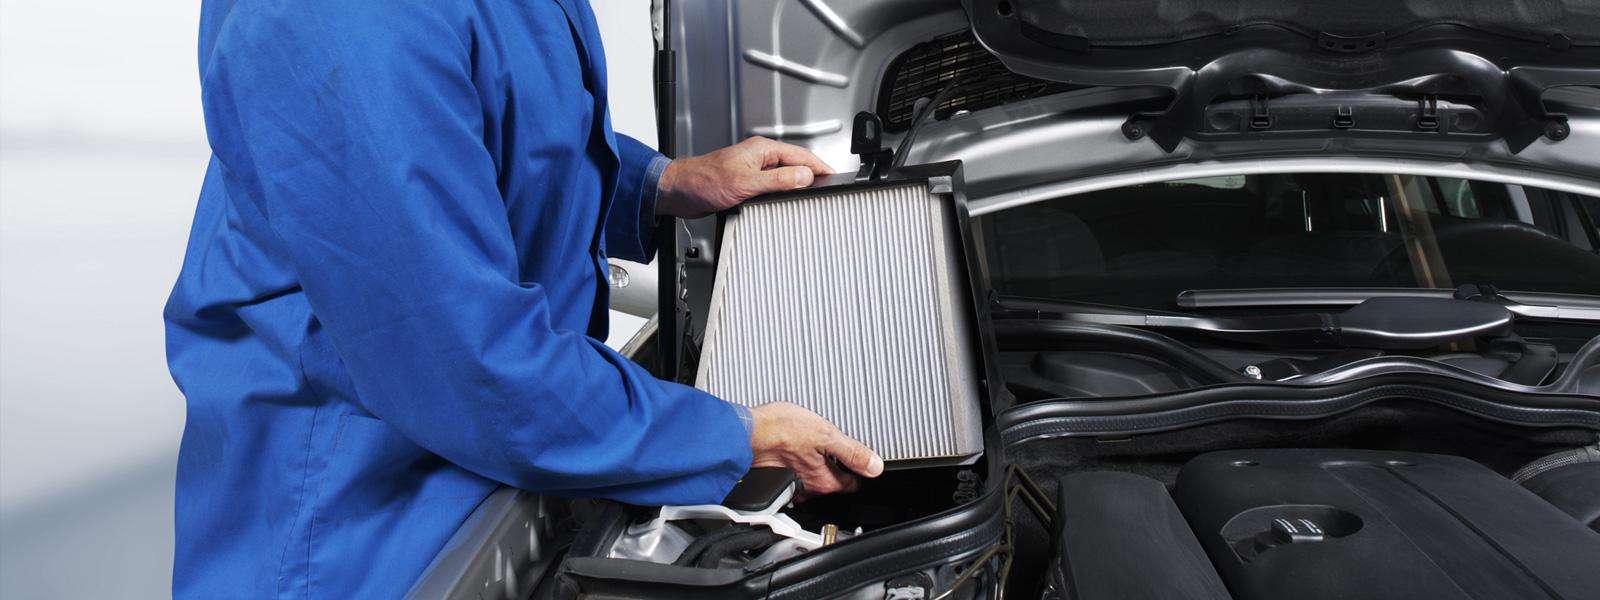 Auto-Heizungs-und-Klimaservice-Coburg